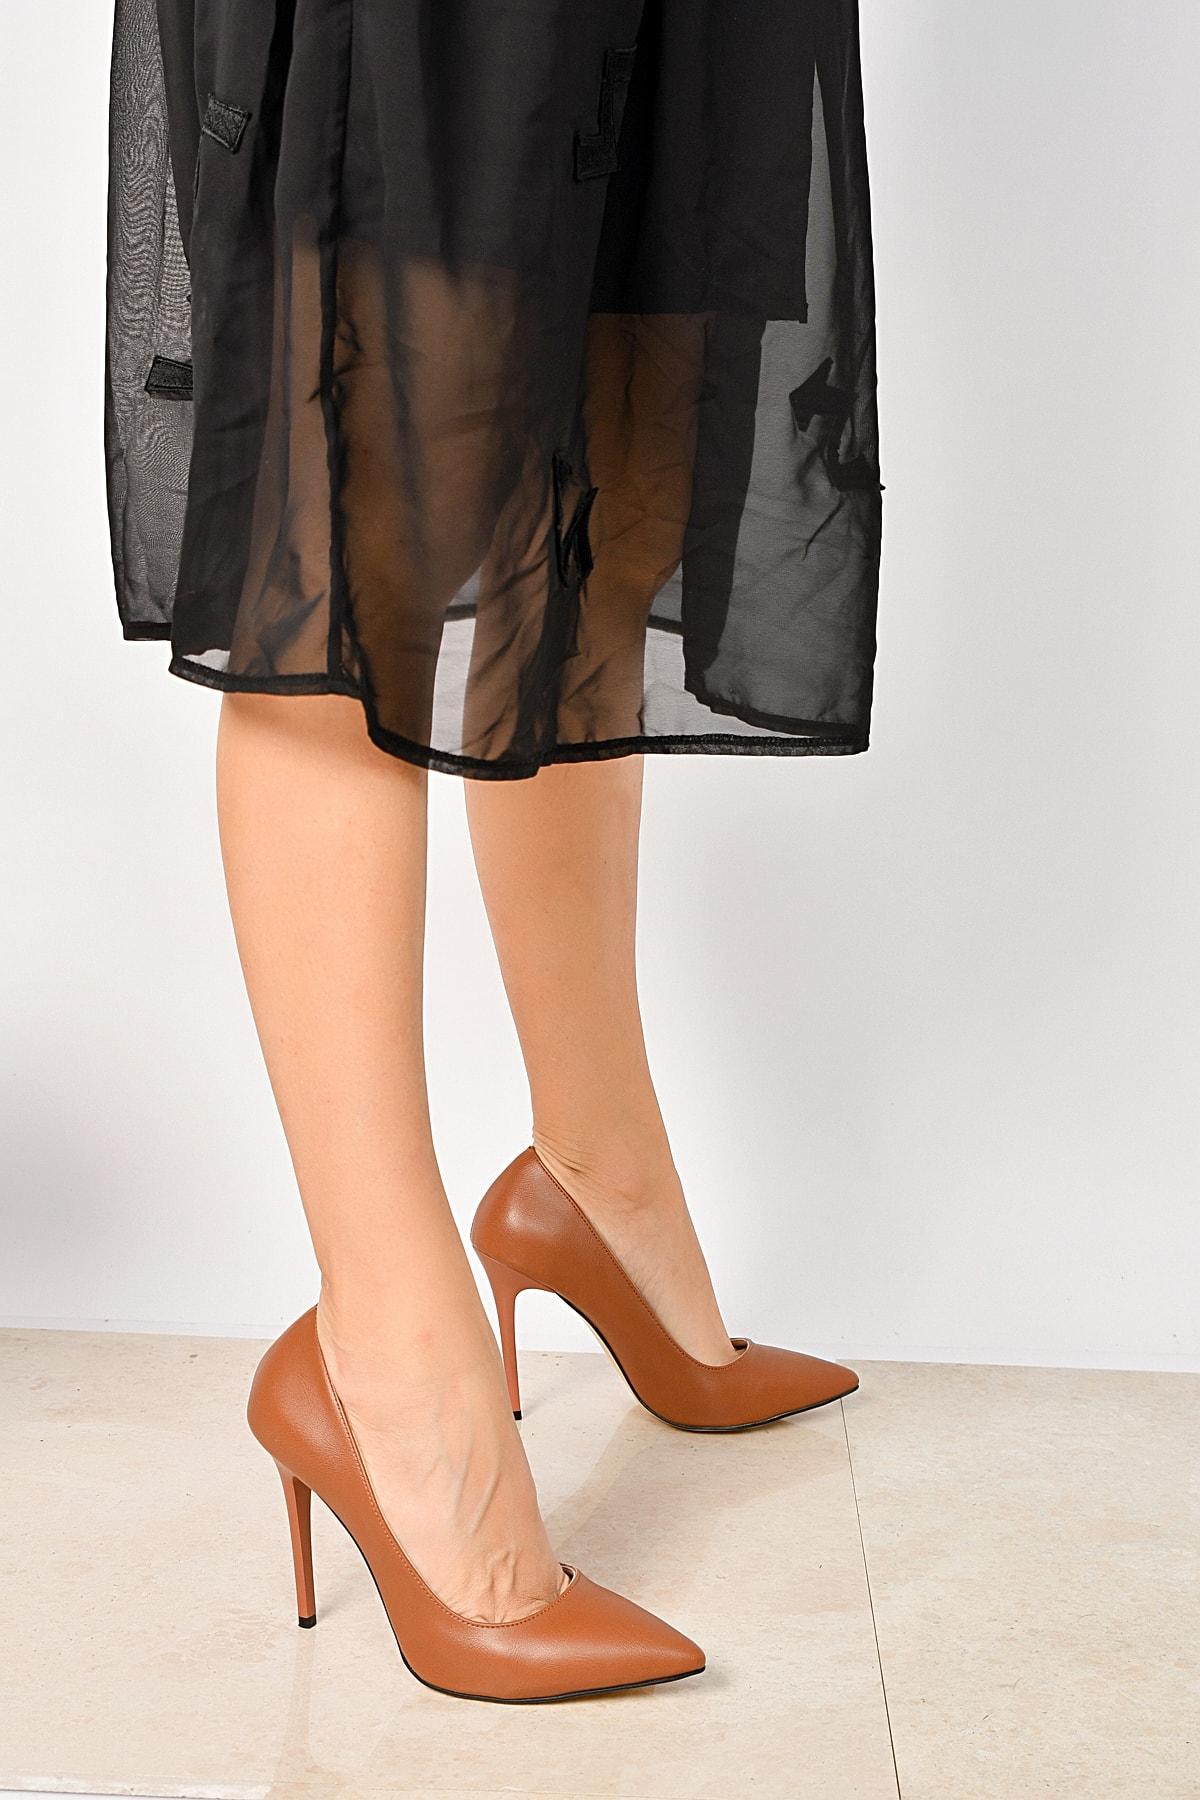 Taba Kadın Klasik Topuklu Ayakkabı 18Y 708